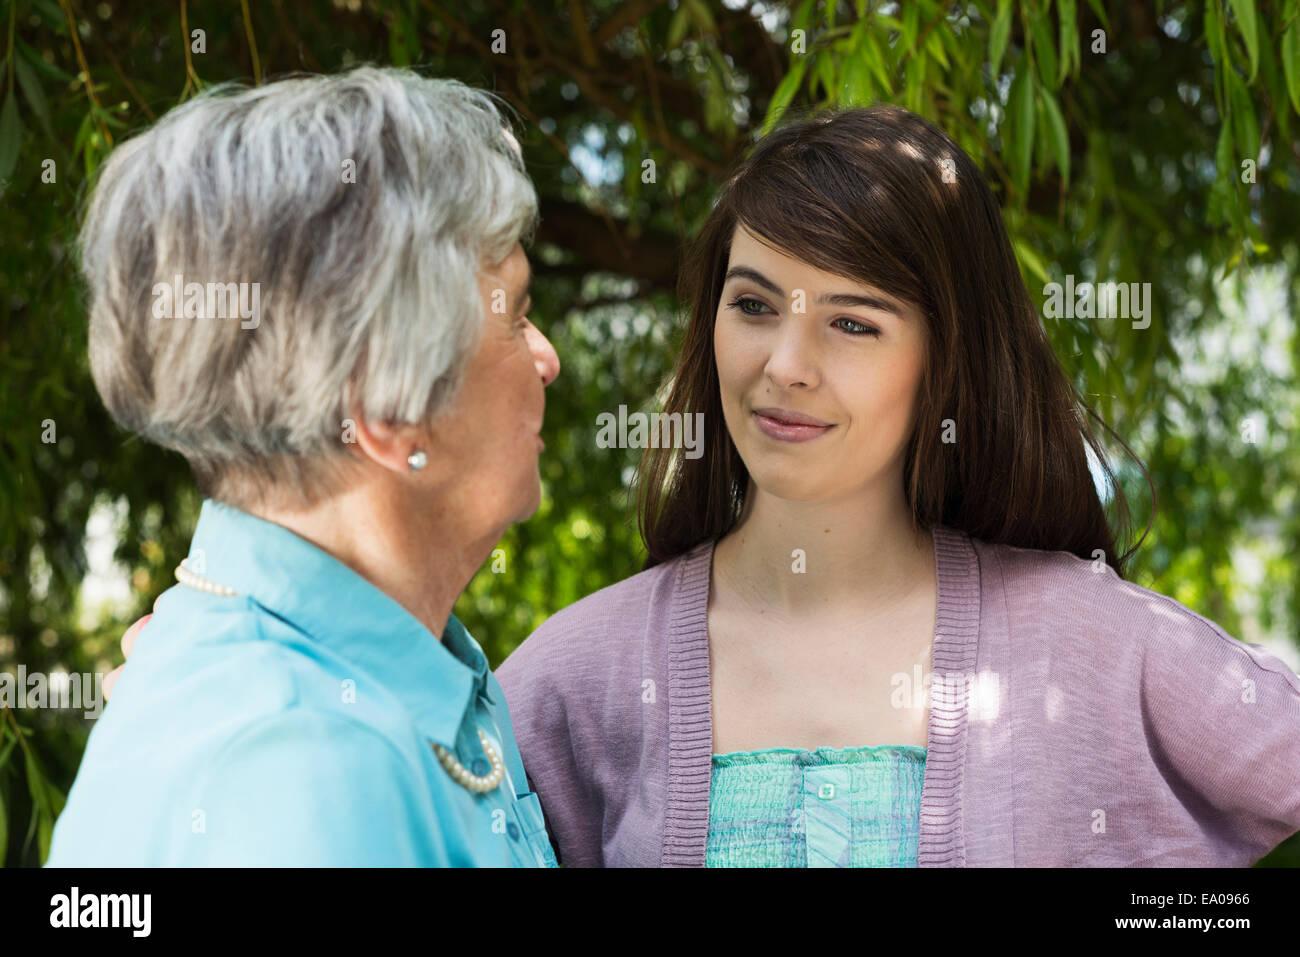 Großmutter und Enkelin, Gespräch im Garten Stockbild